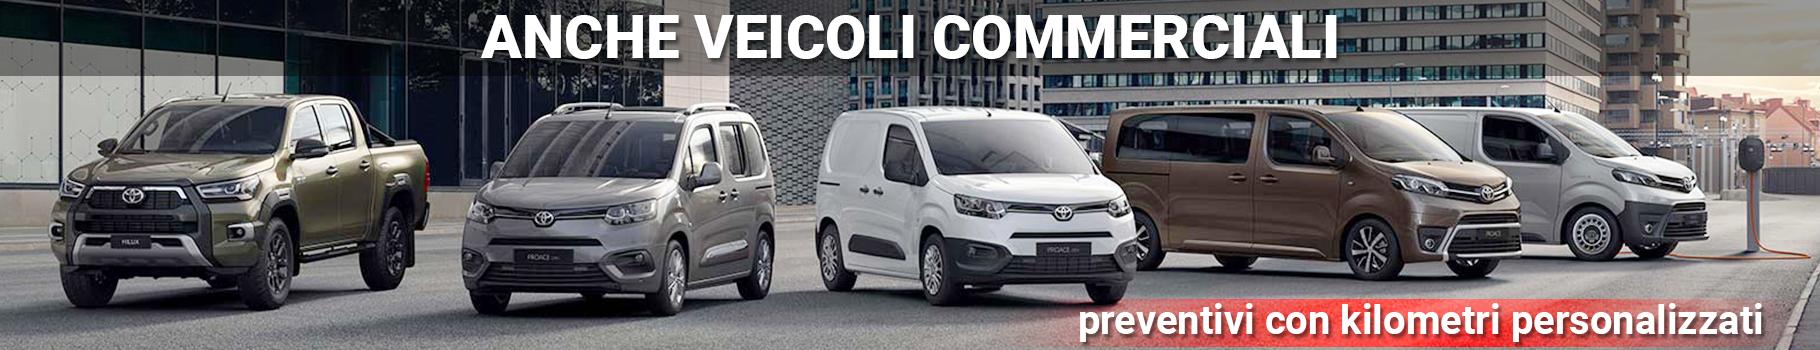 slide_veicoli-commerciali